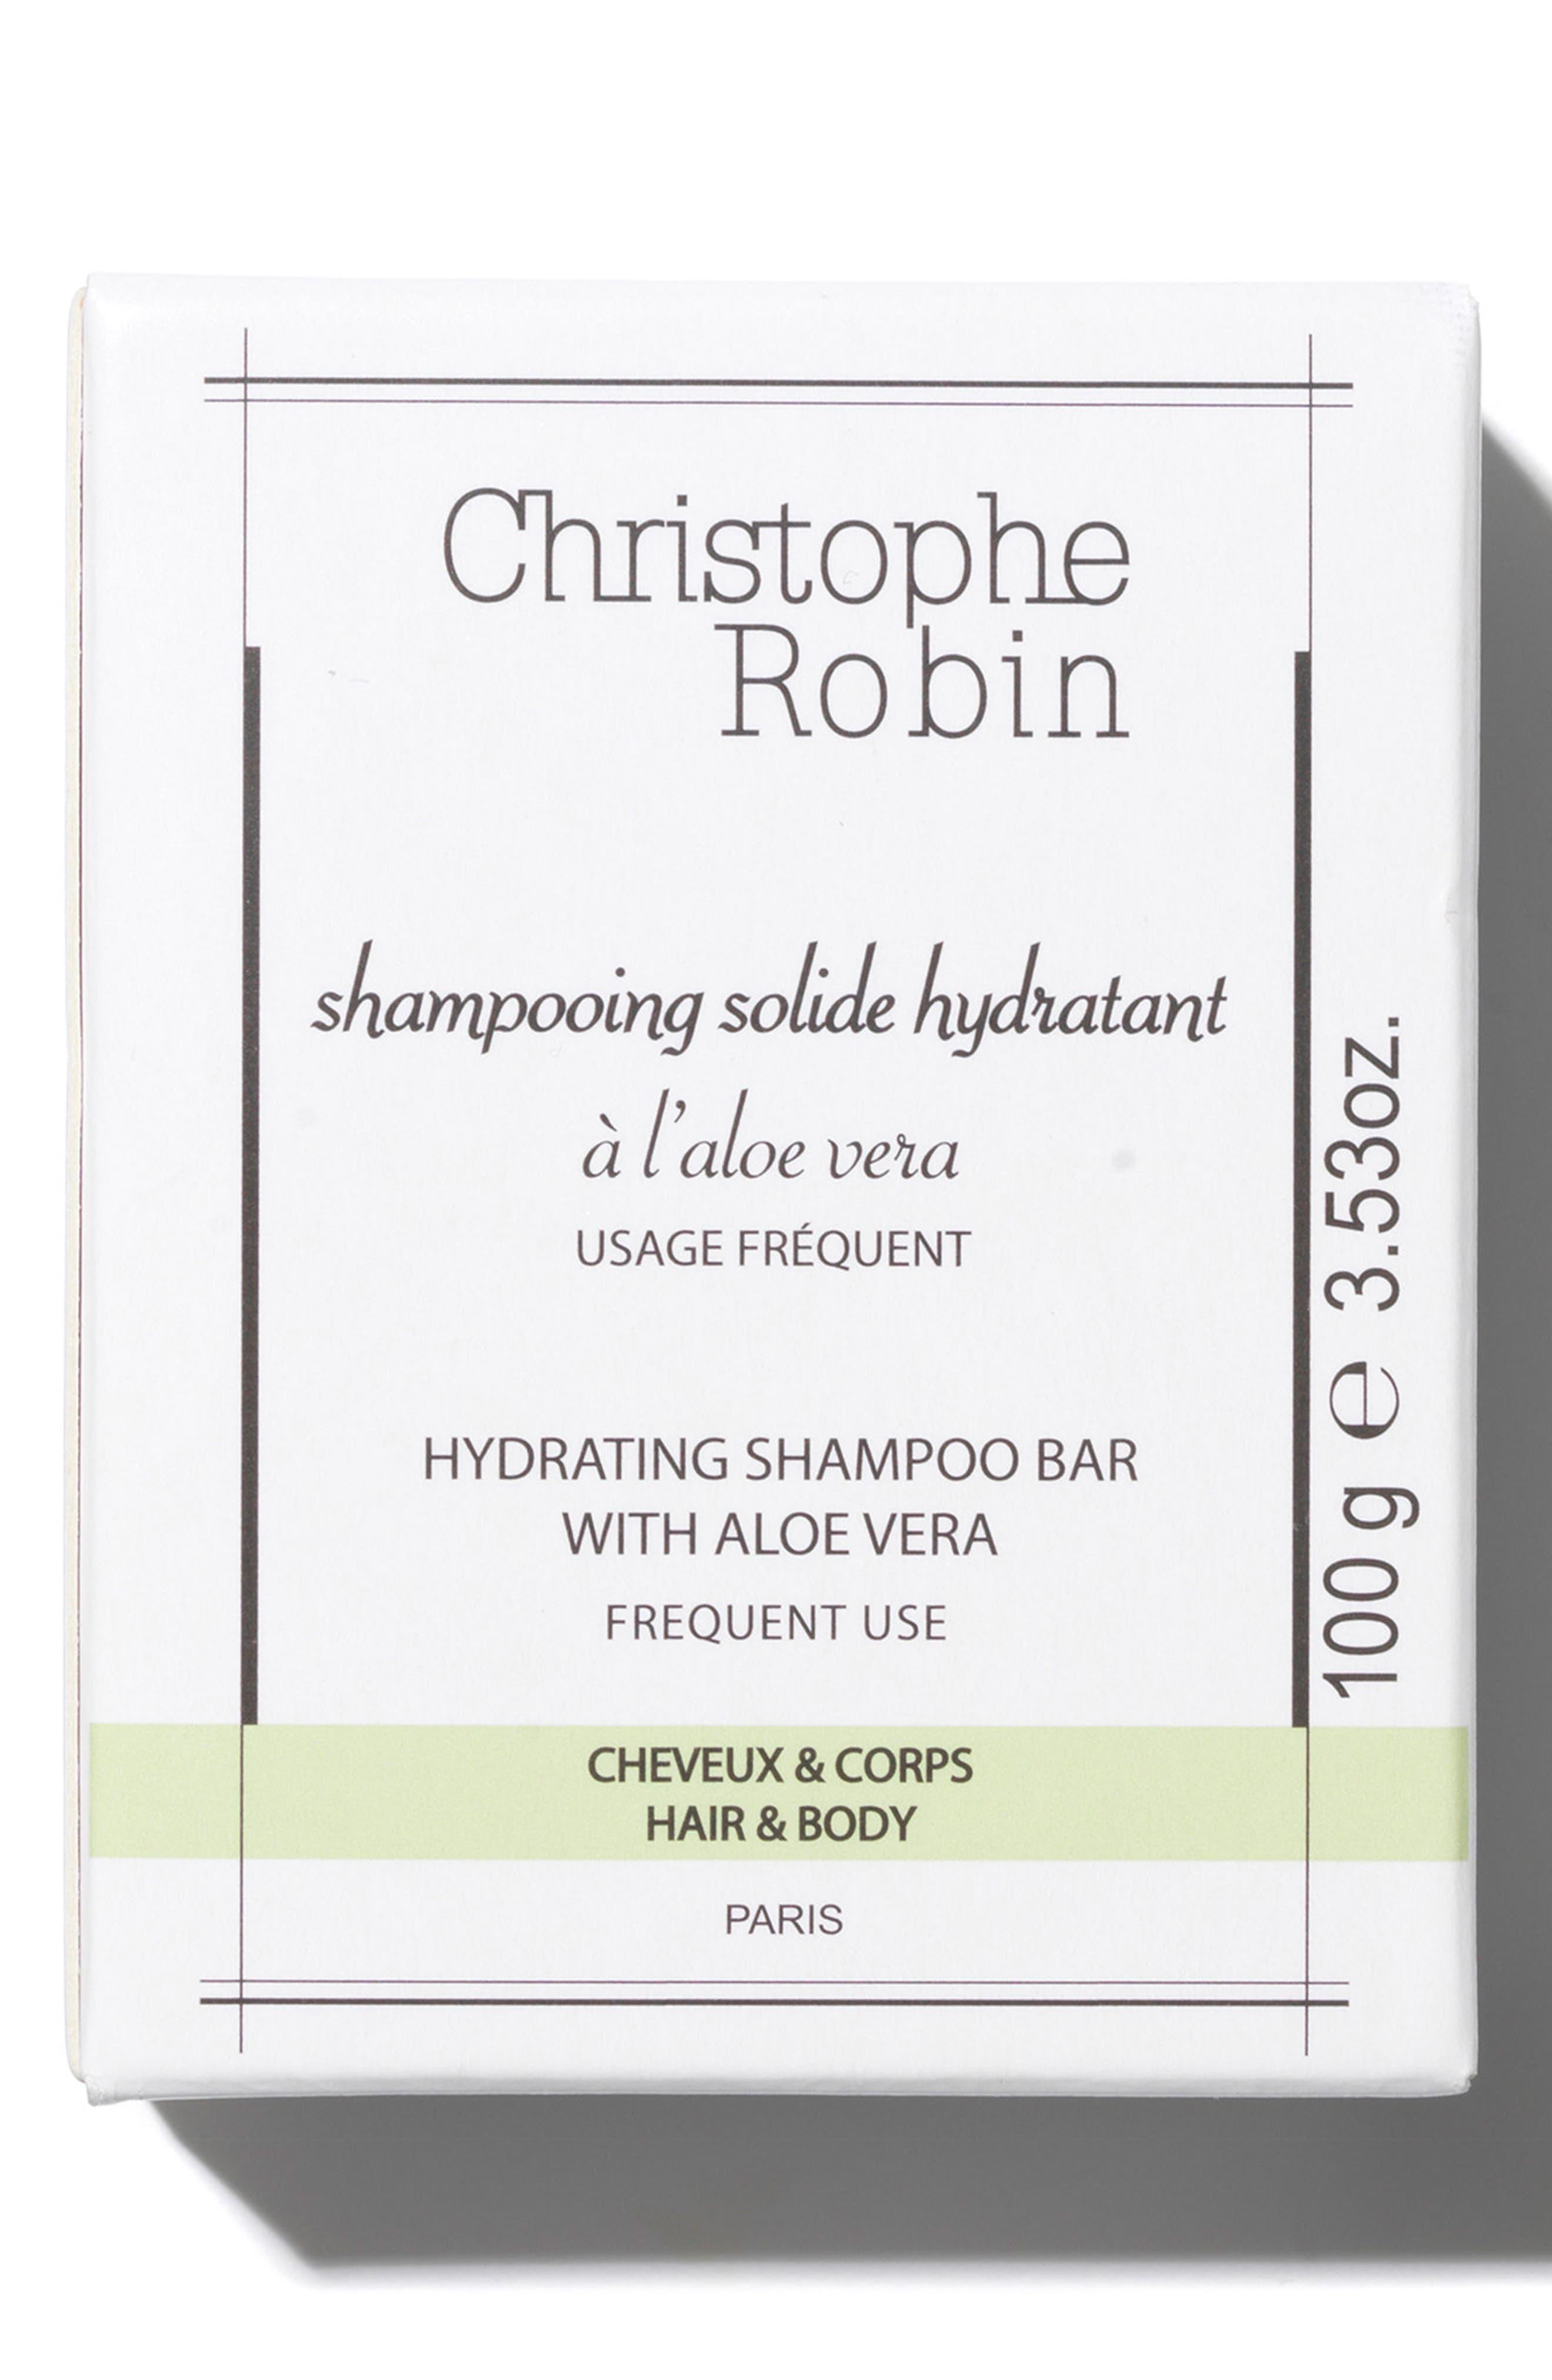 Hydrating Shampoo Bar